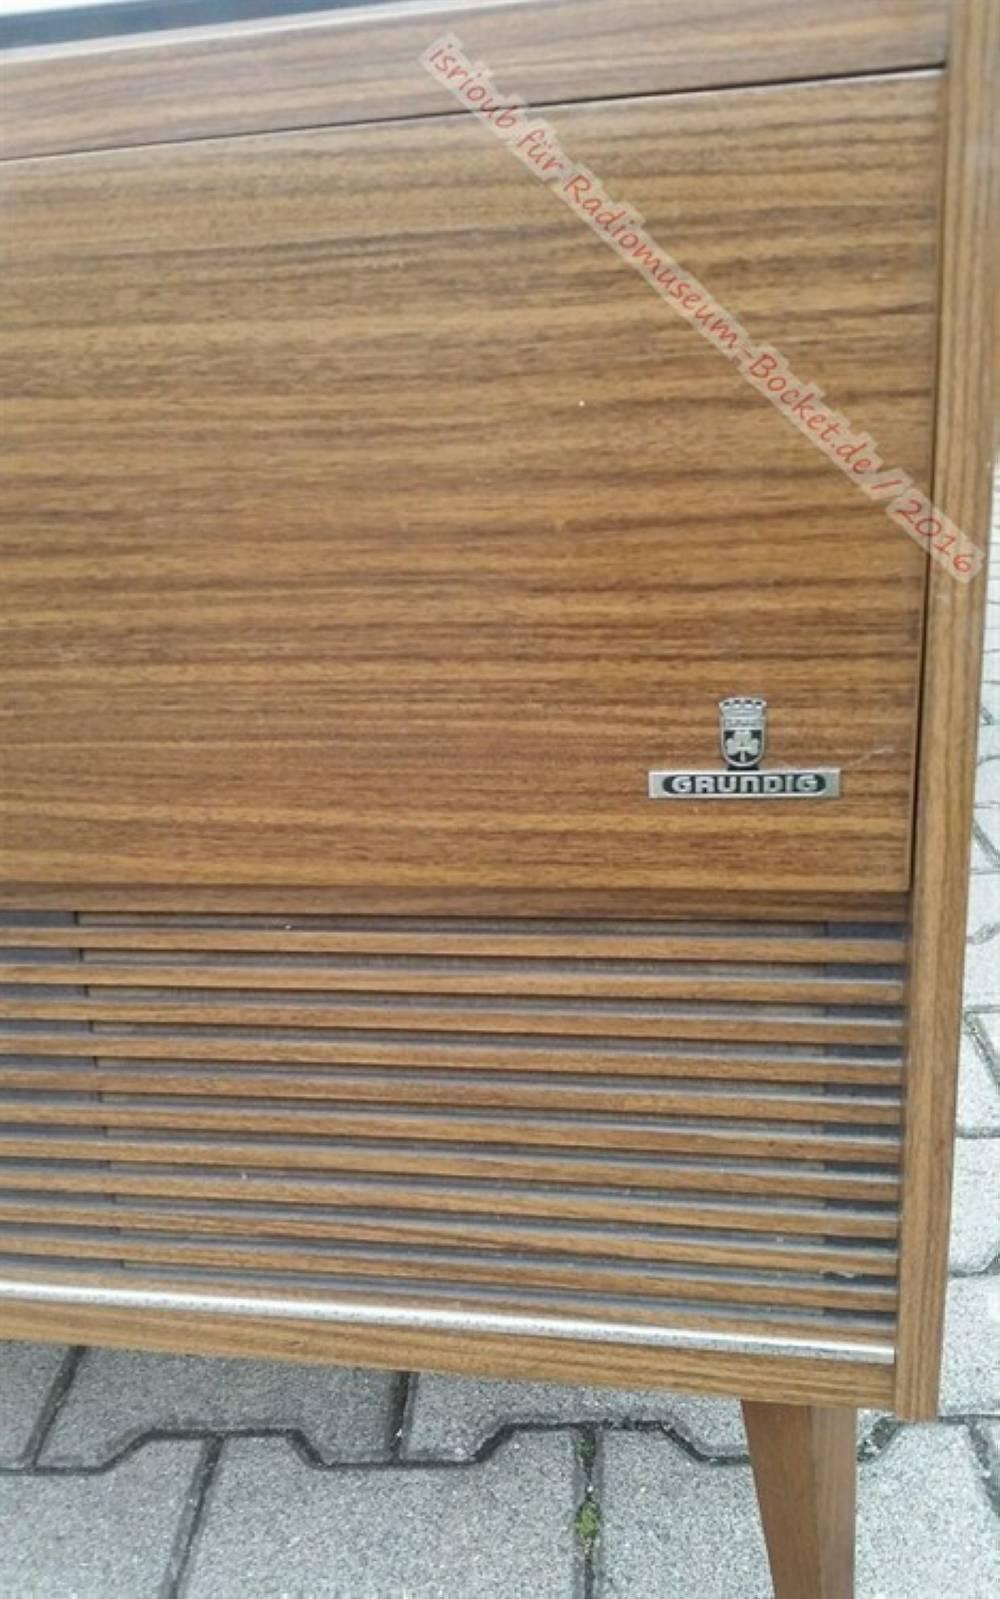 Grundig Stereo-Musikschrank Como 6 – Radiomuseum-bocket.de